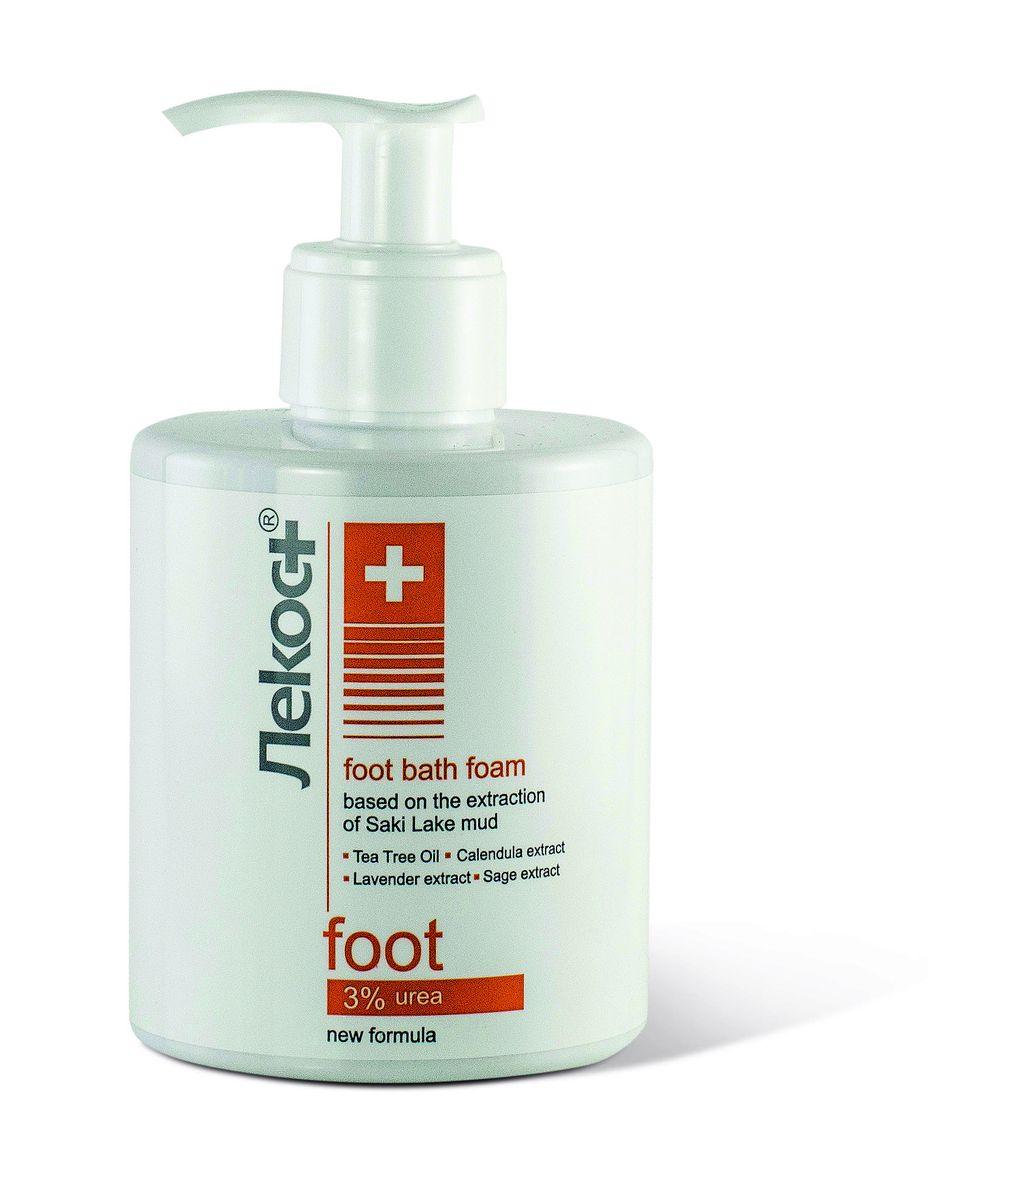 Лекос+ Пена для принятия ножных ванн, 290 мл2220УспокаиQ50:AW50 принятия ножных ванн с вытяжкой из грязи Сакского озера, обогащенной экстрактами календулы, шалфея и лаванды, снимает усталость и тяжесть в ногах. Масло чайного дерева оказывает противовоспалительное и антисептическое действие. Мочевина интенсивно увлажняет и размягчает загрубевшие участки кожи, способствует заживлению мелких ран и трещин.